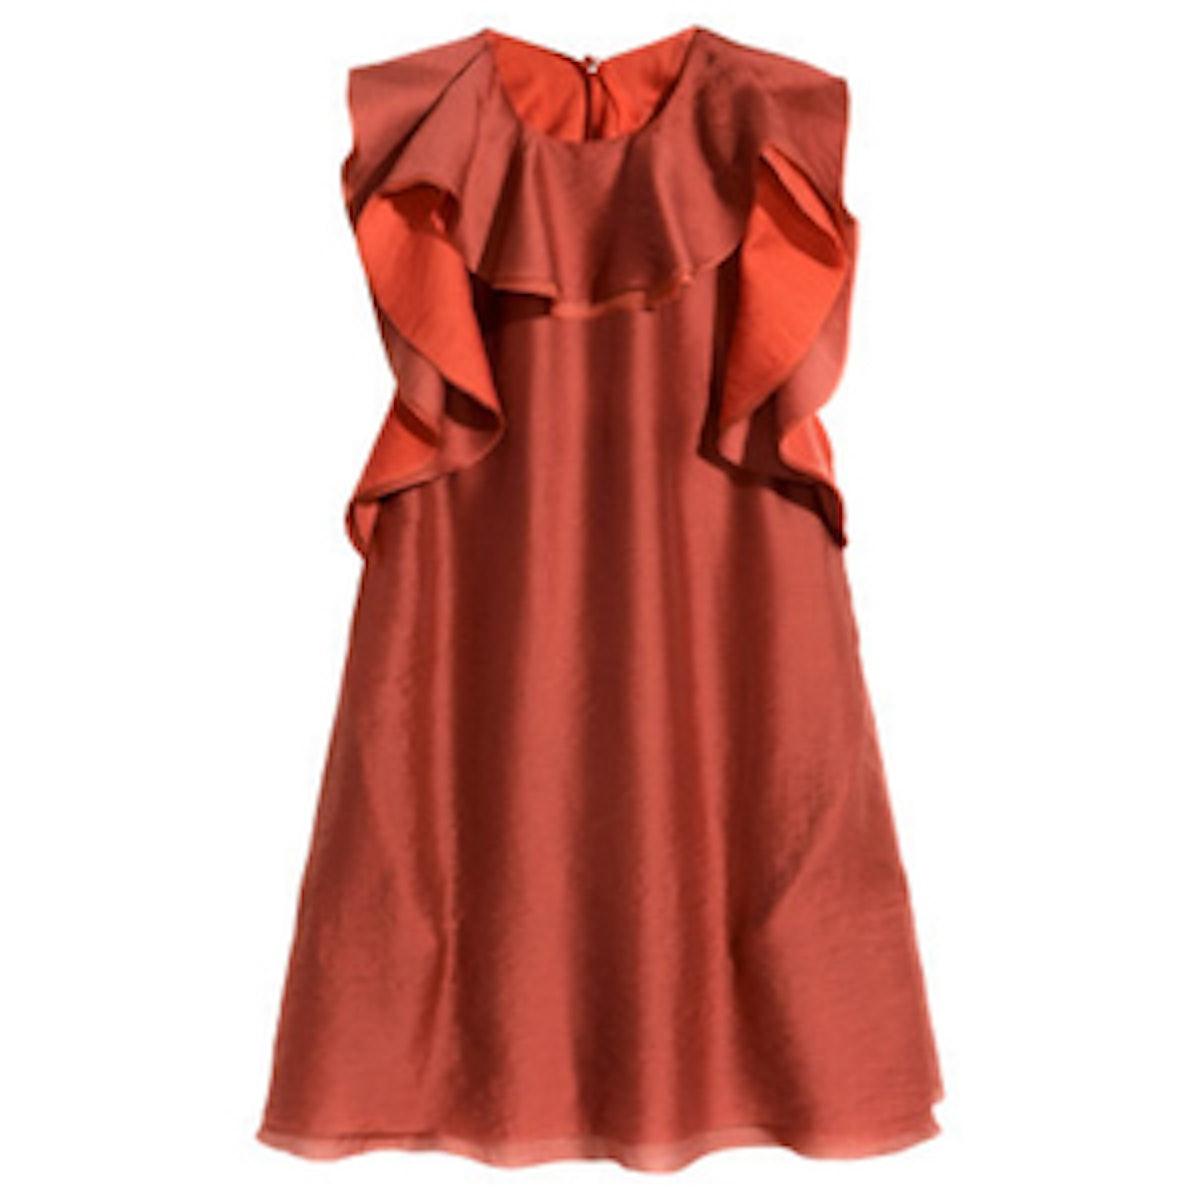 Ruffled Lyocell Dress